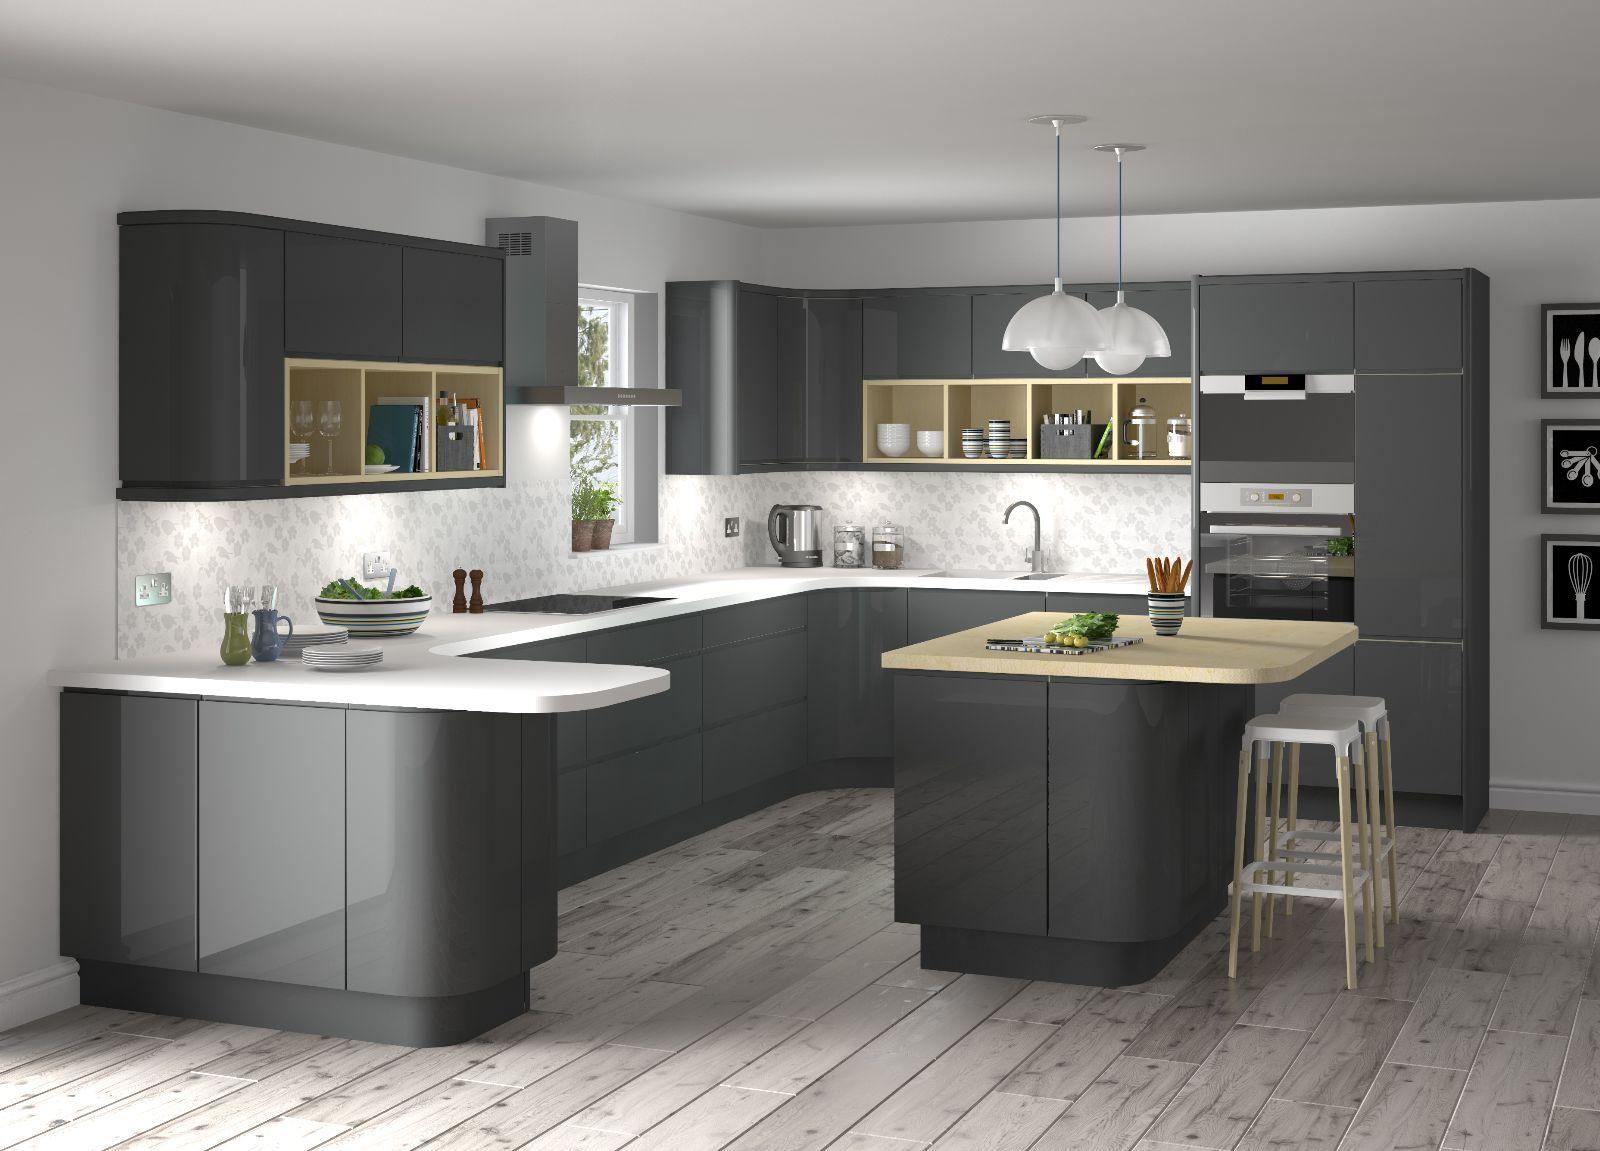 modern grey kitchen designs photo modern grey kitchen grey kitchen designs modern kitchen design on interior design kitchen small modern id=13726